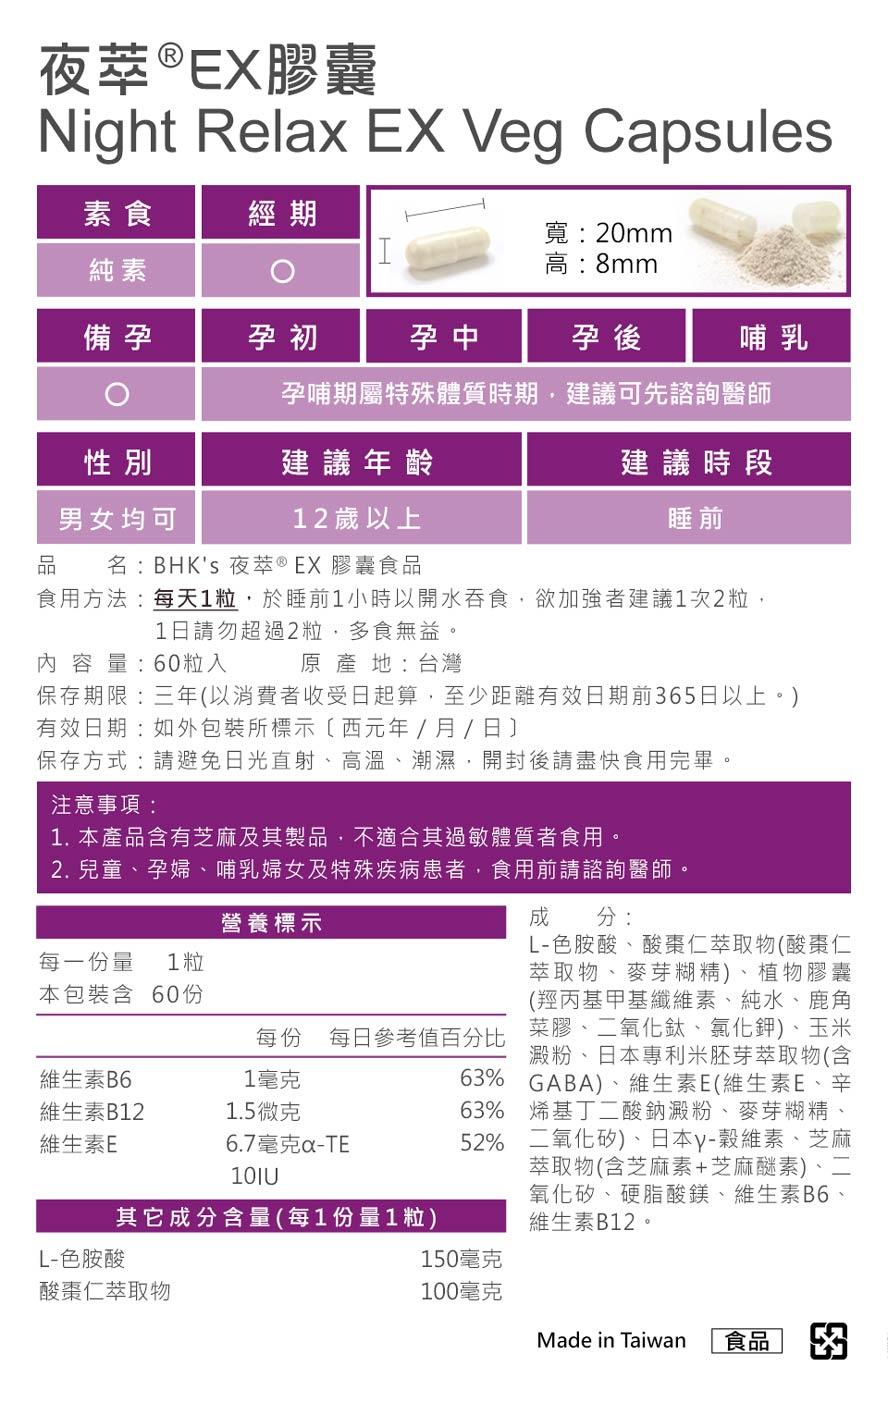 BHK's夜萃EX膠囊和BHK's舒眠精油通過安全檢驗合格,可安心使用。